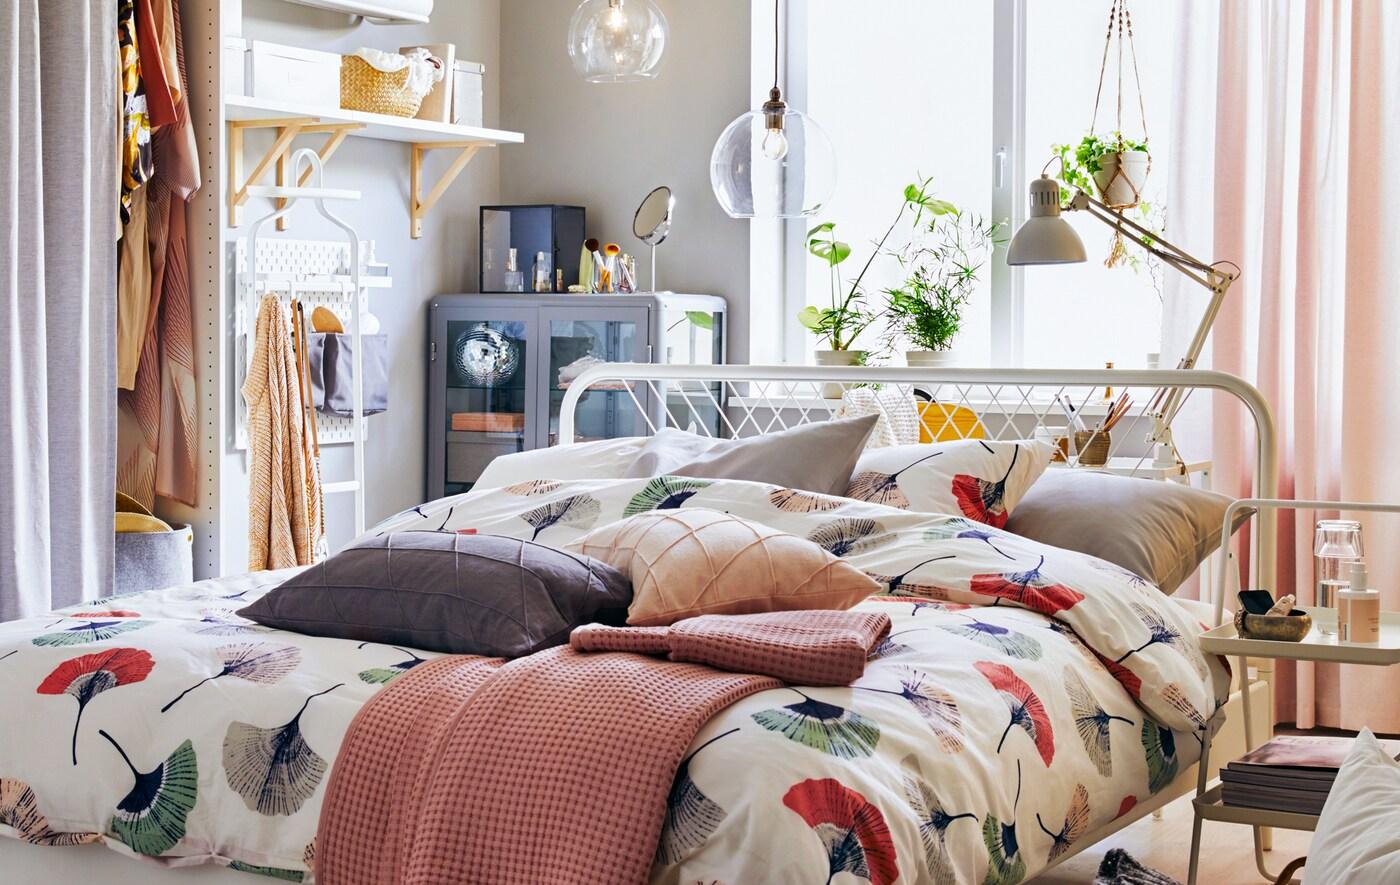 Seng med blomstret sengetøj midt i et rum med opbevaring og hylder langs med væggene.